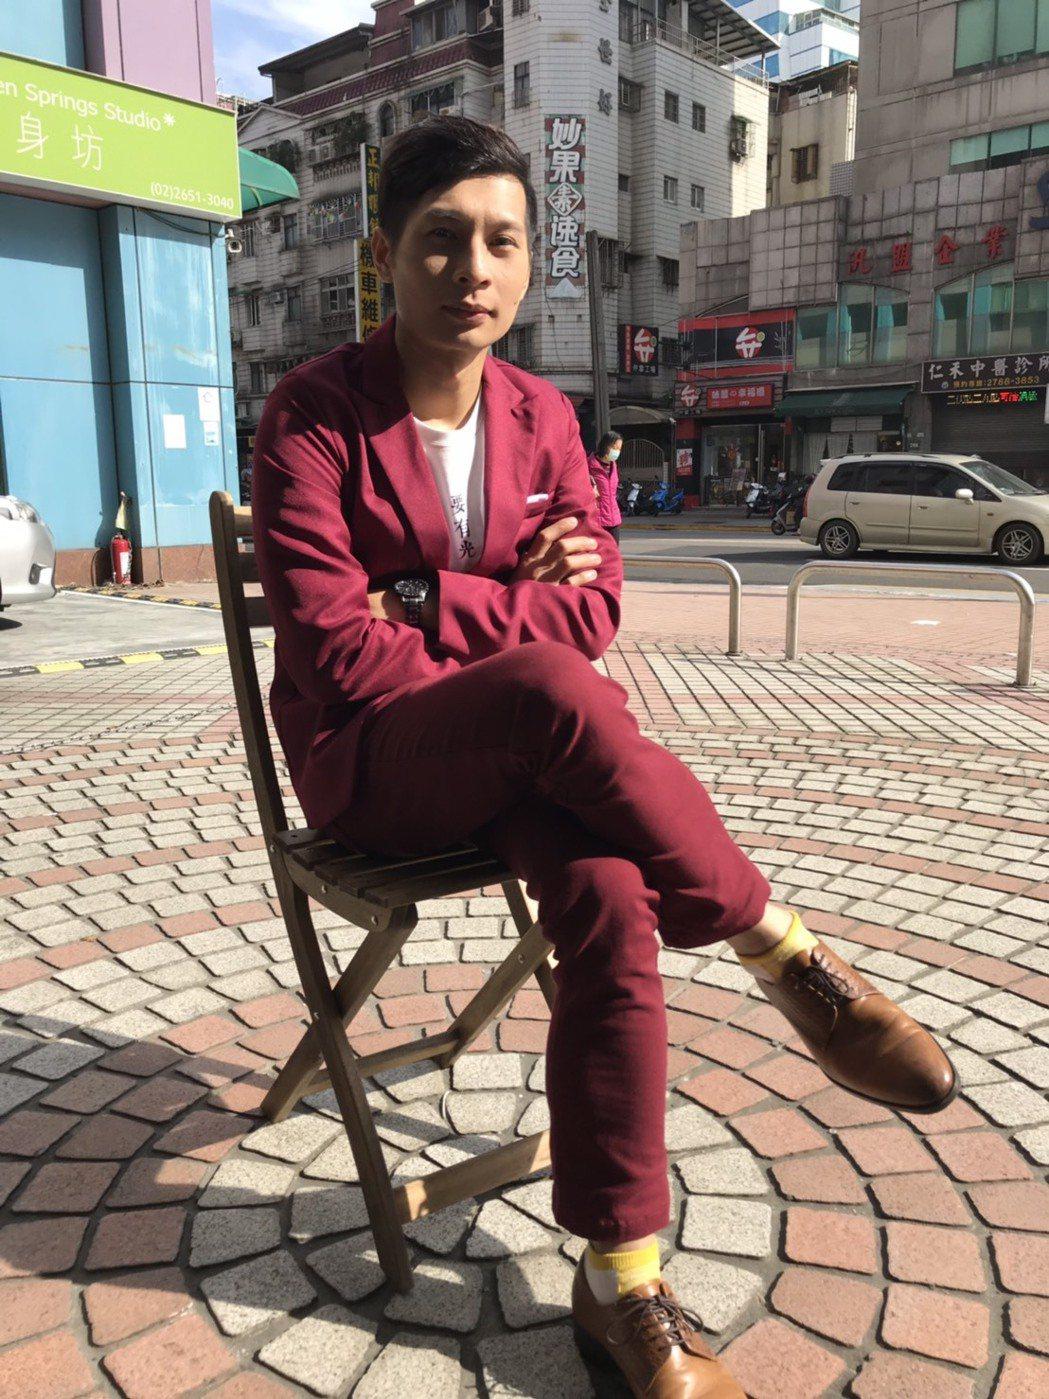 逸祥因為紅蟳事件被觀眾熟知,專訪時又穿了一身紅,他說以後懂得跟長輩應對進退,不會...